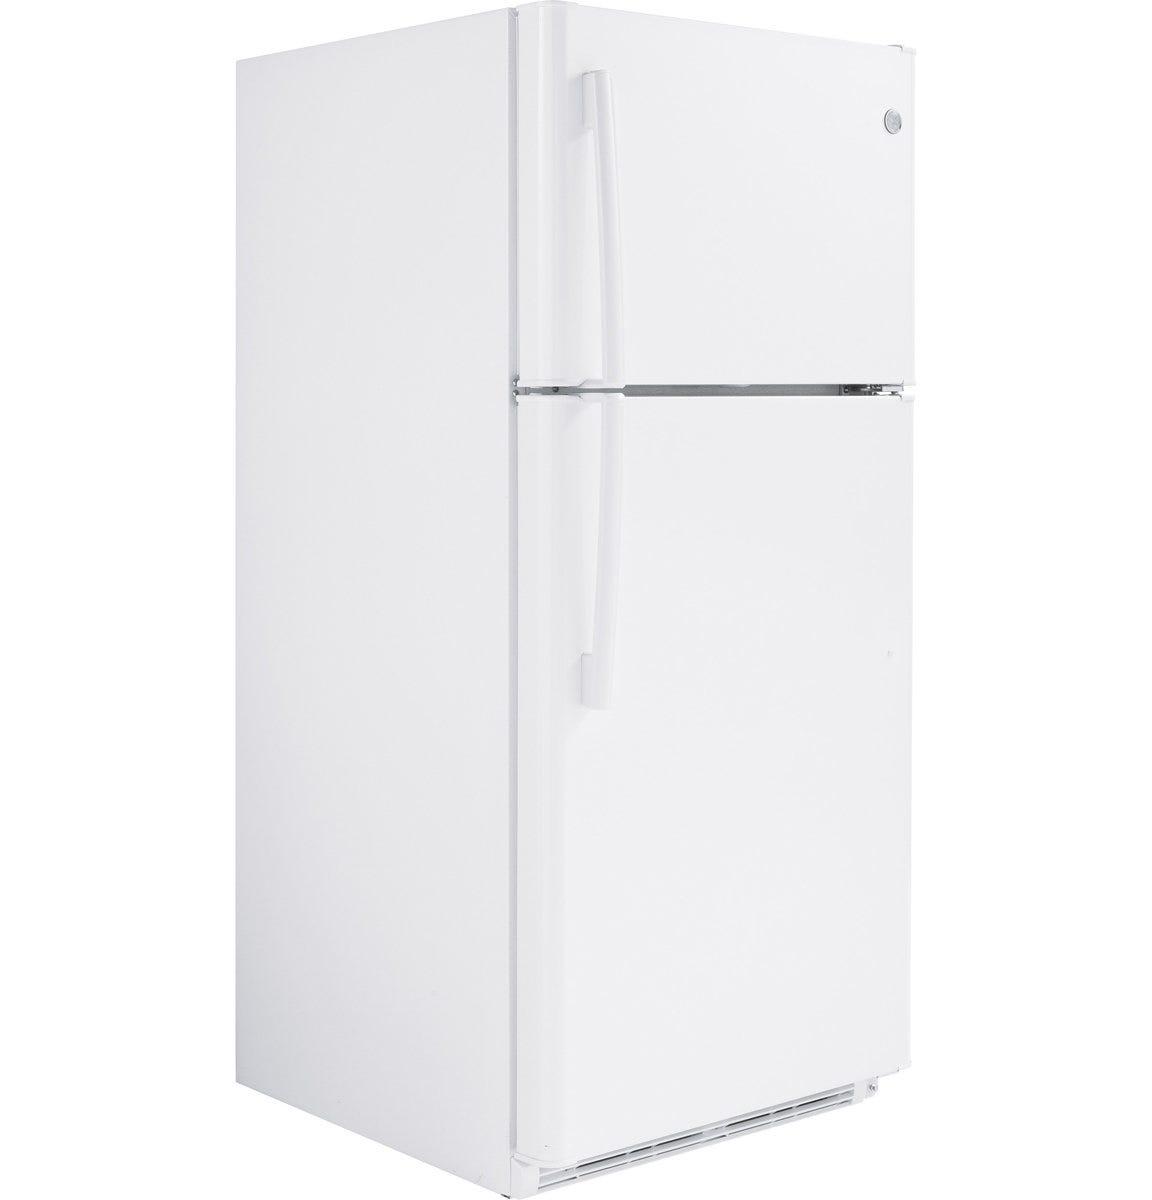 Refrigerateur 18 Pi 3 30 Po Meubles Rd